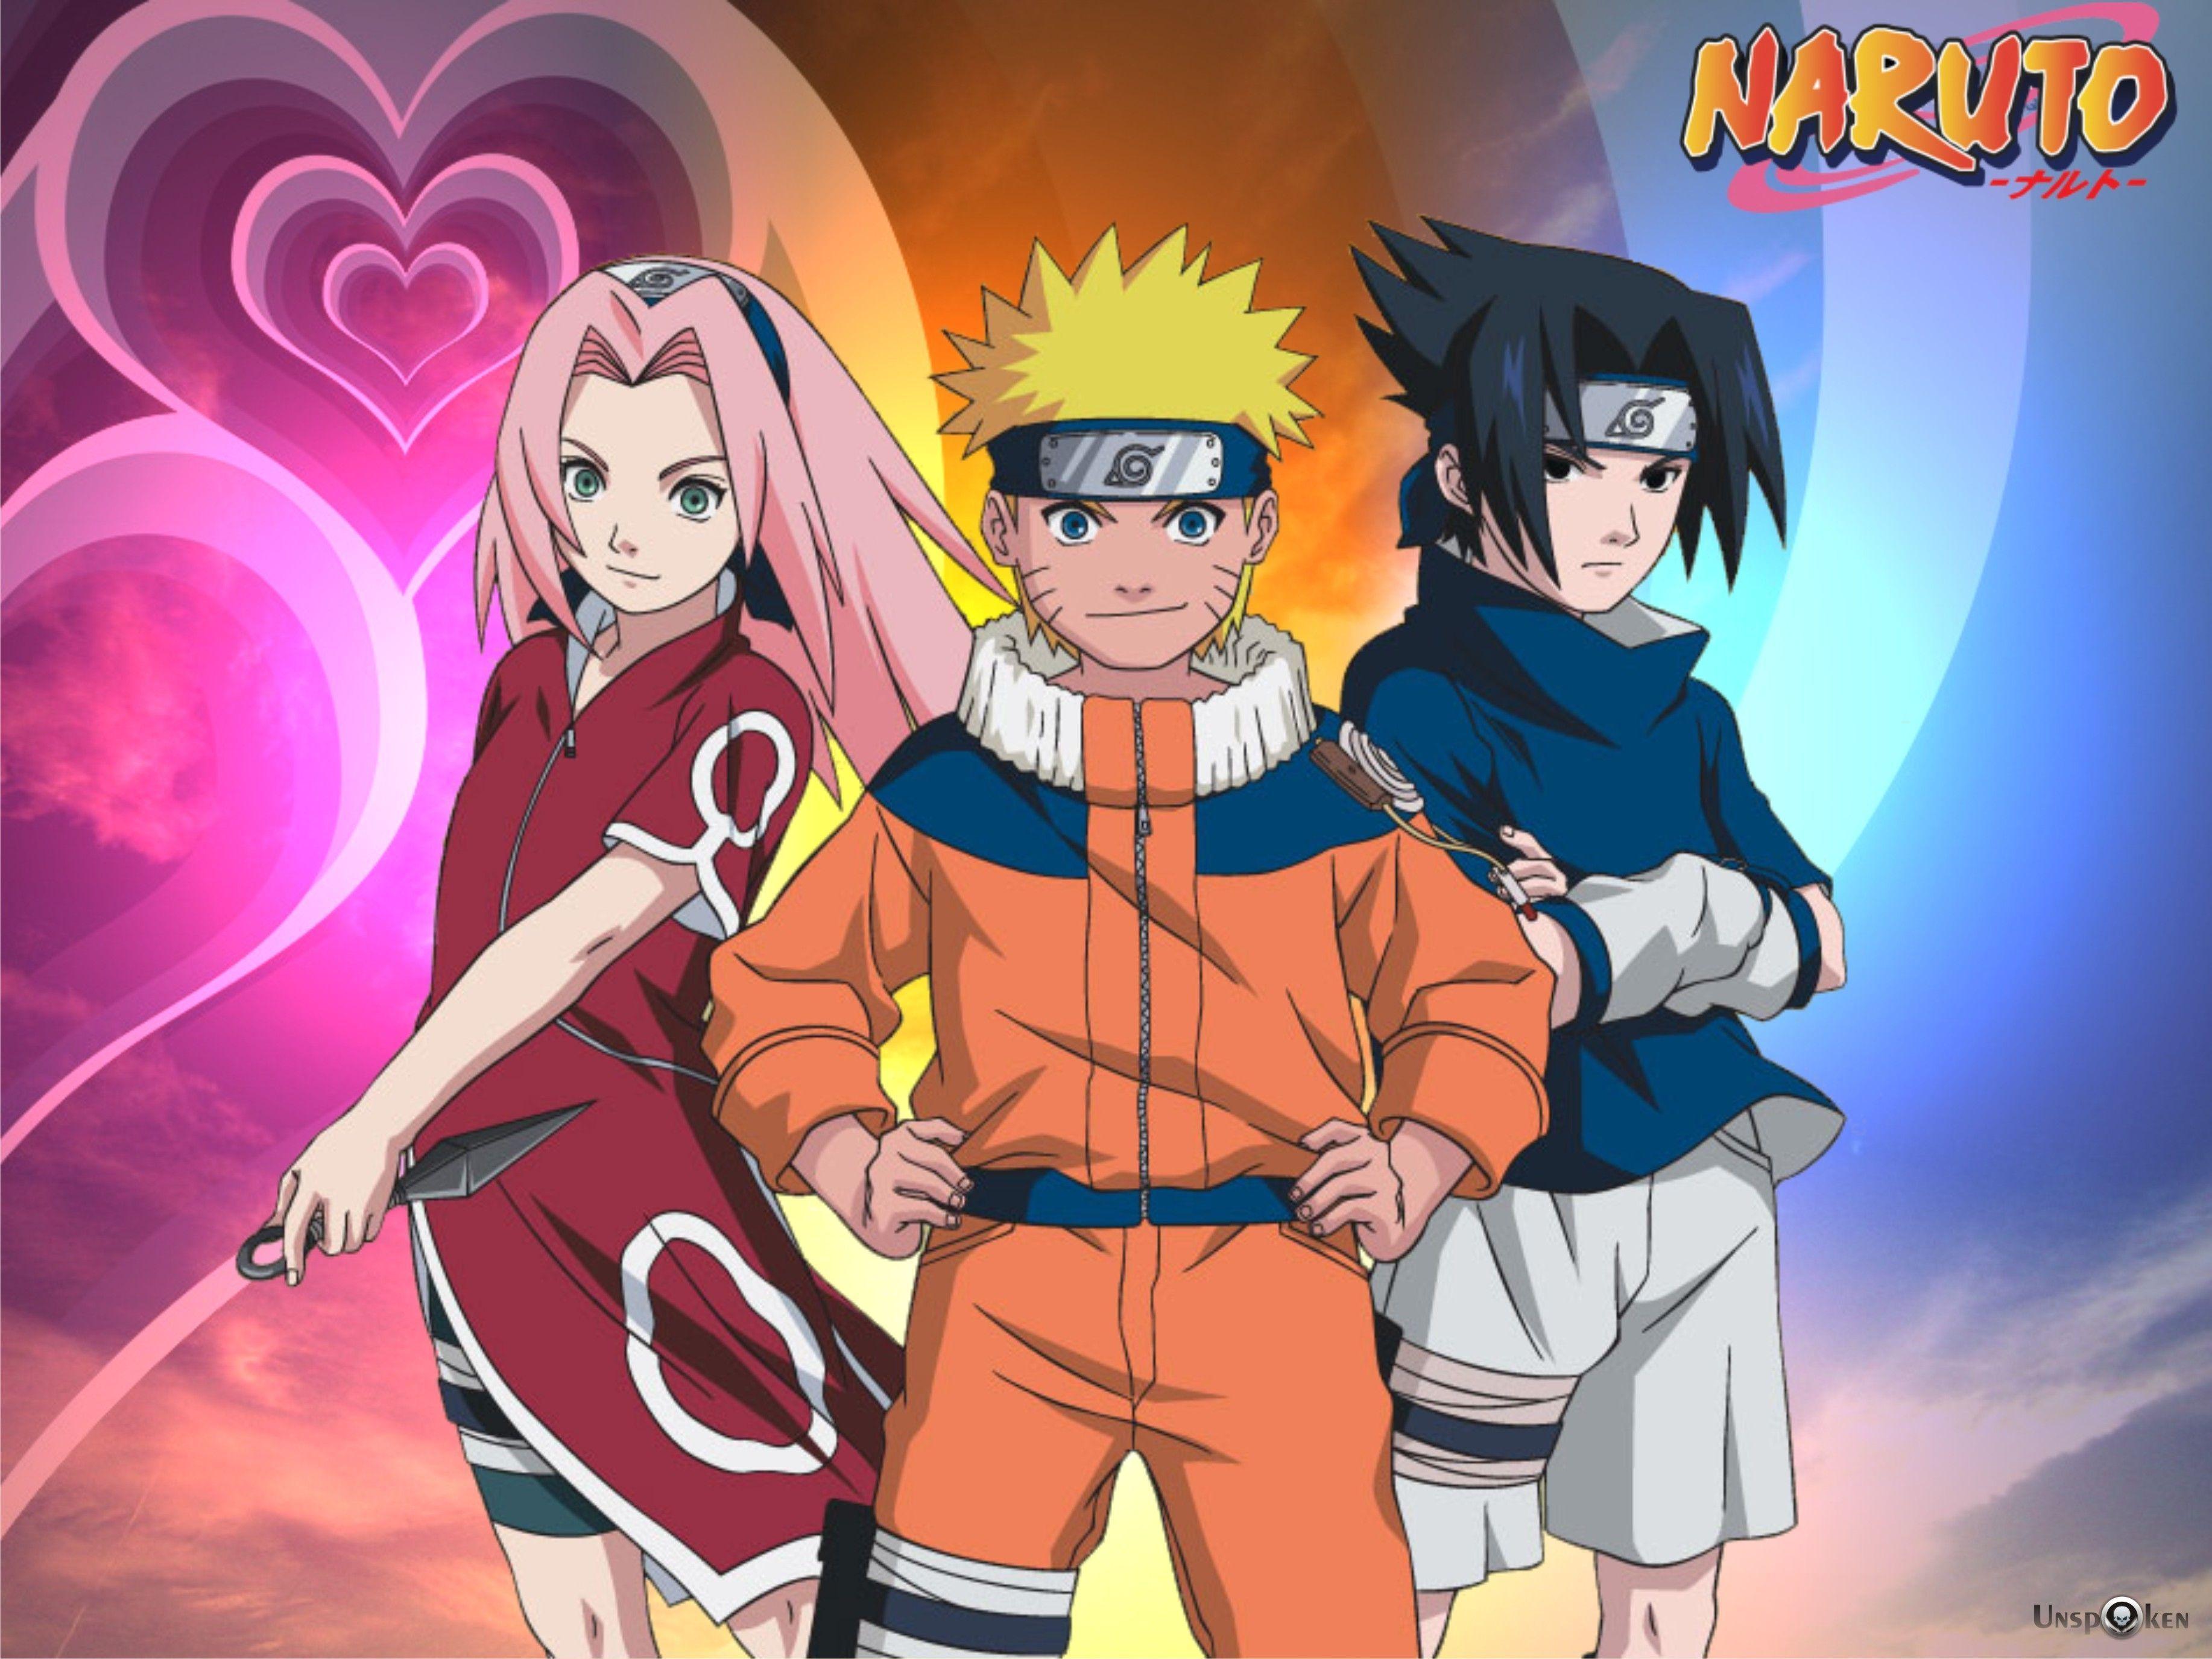 Naruto Shippuden Team 7 Wallpaper Hd Beautiful Naruto Wallpaper